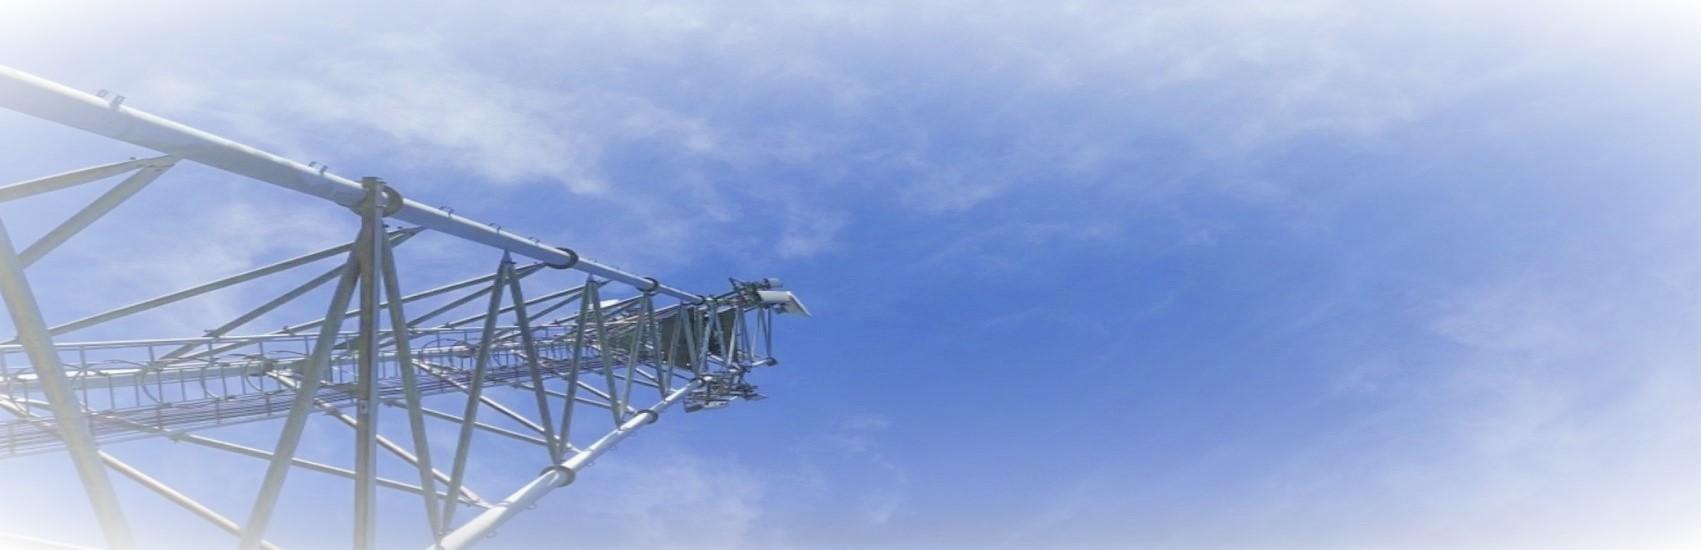 移動体通信工事携帯基地局工事に関する様々な課題を解決!